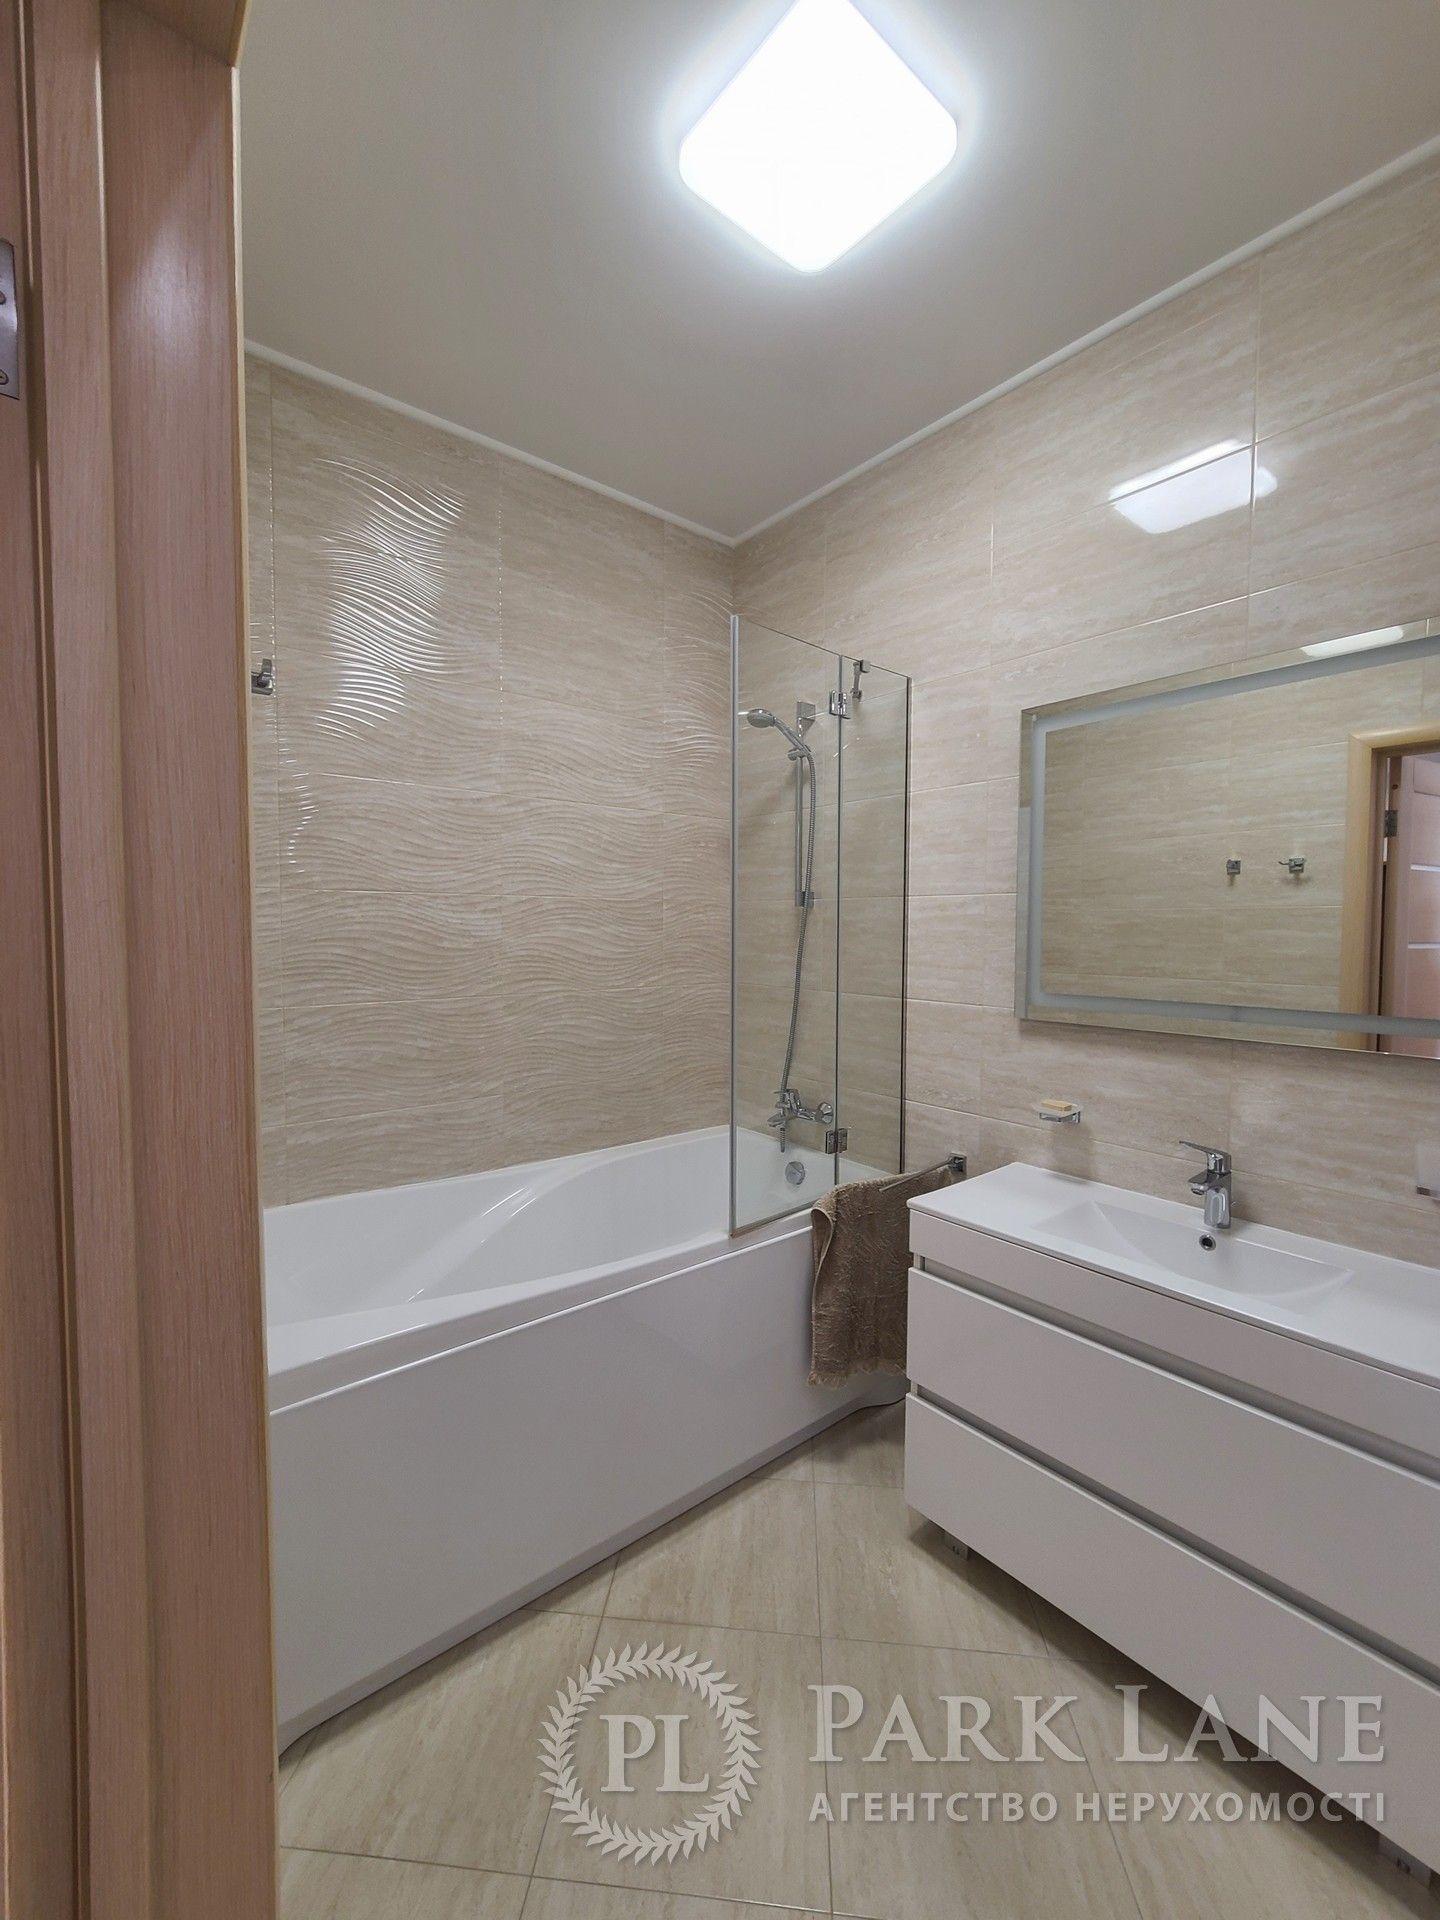 Квартира W-6741799, Коновальца Евгения (Щорса), 36, Киев - Фото 7